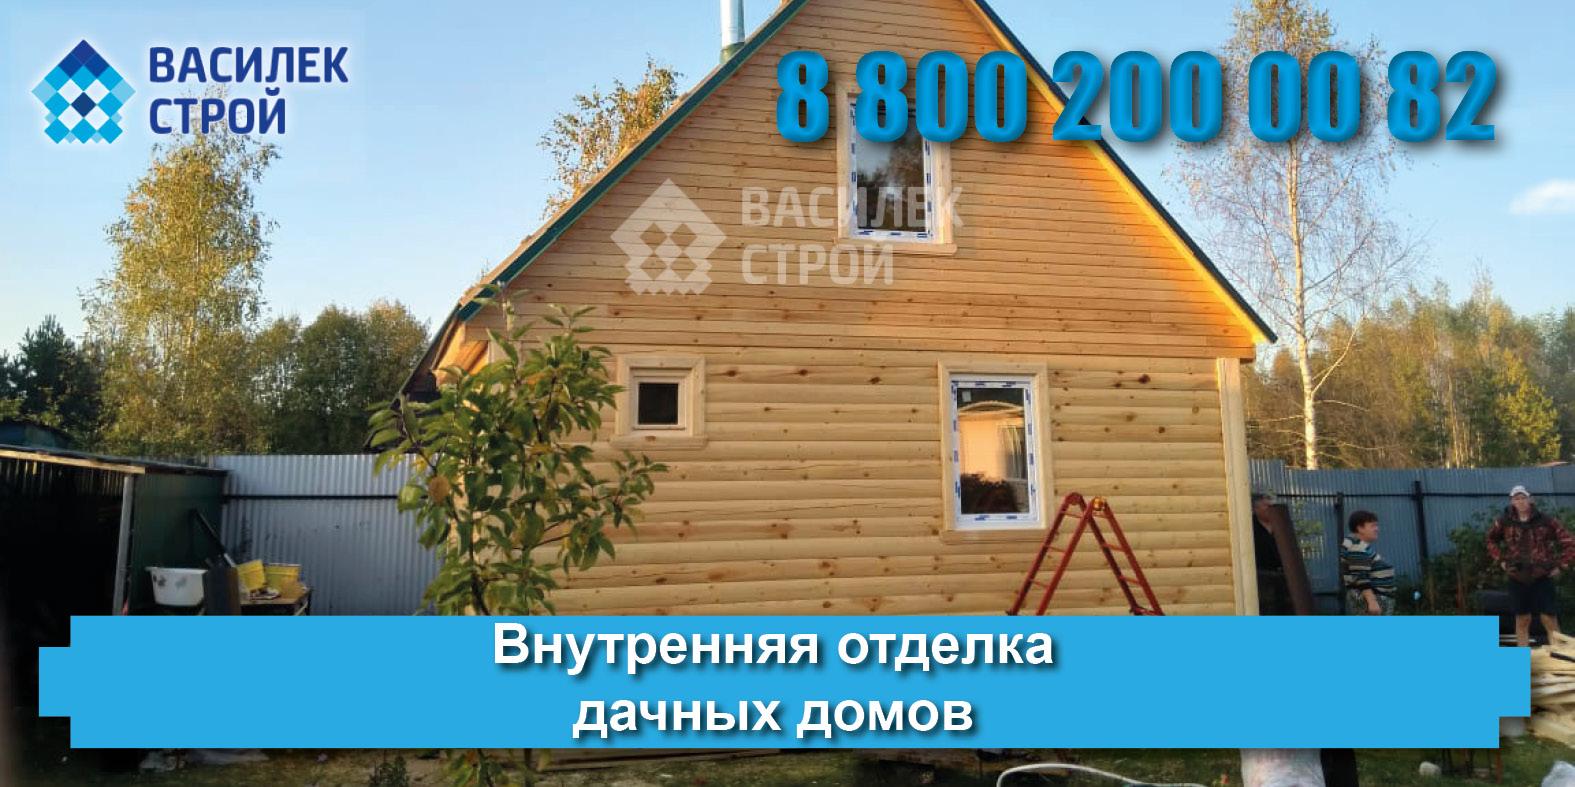 Предлагаем готовые проекты дачных одноэтажных домов из бруса и кирпича: внутренняя отделка и неплохие проекты дачных кирпичных домов